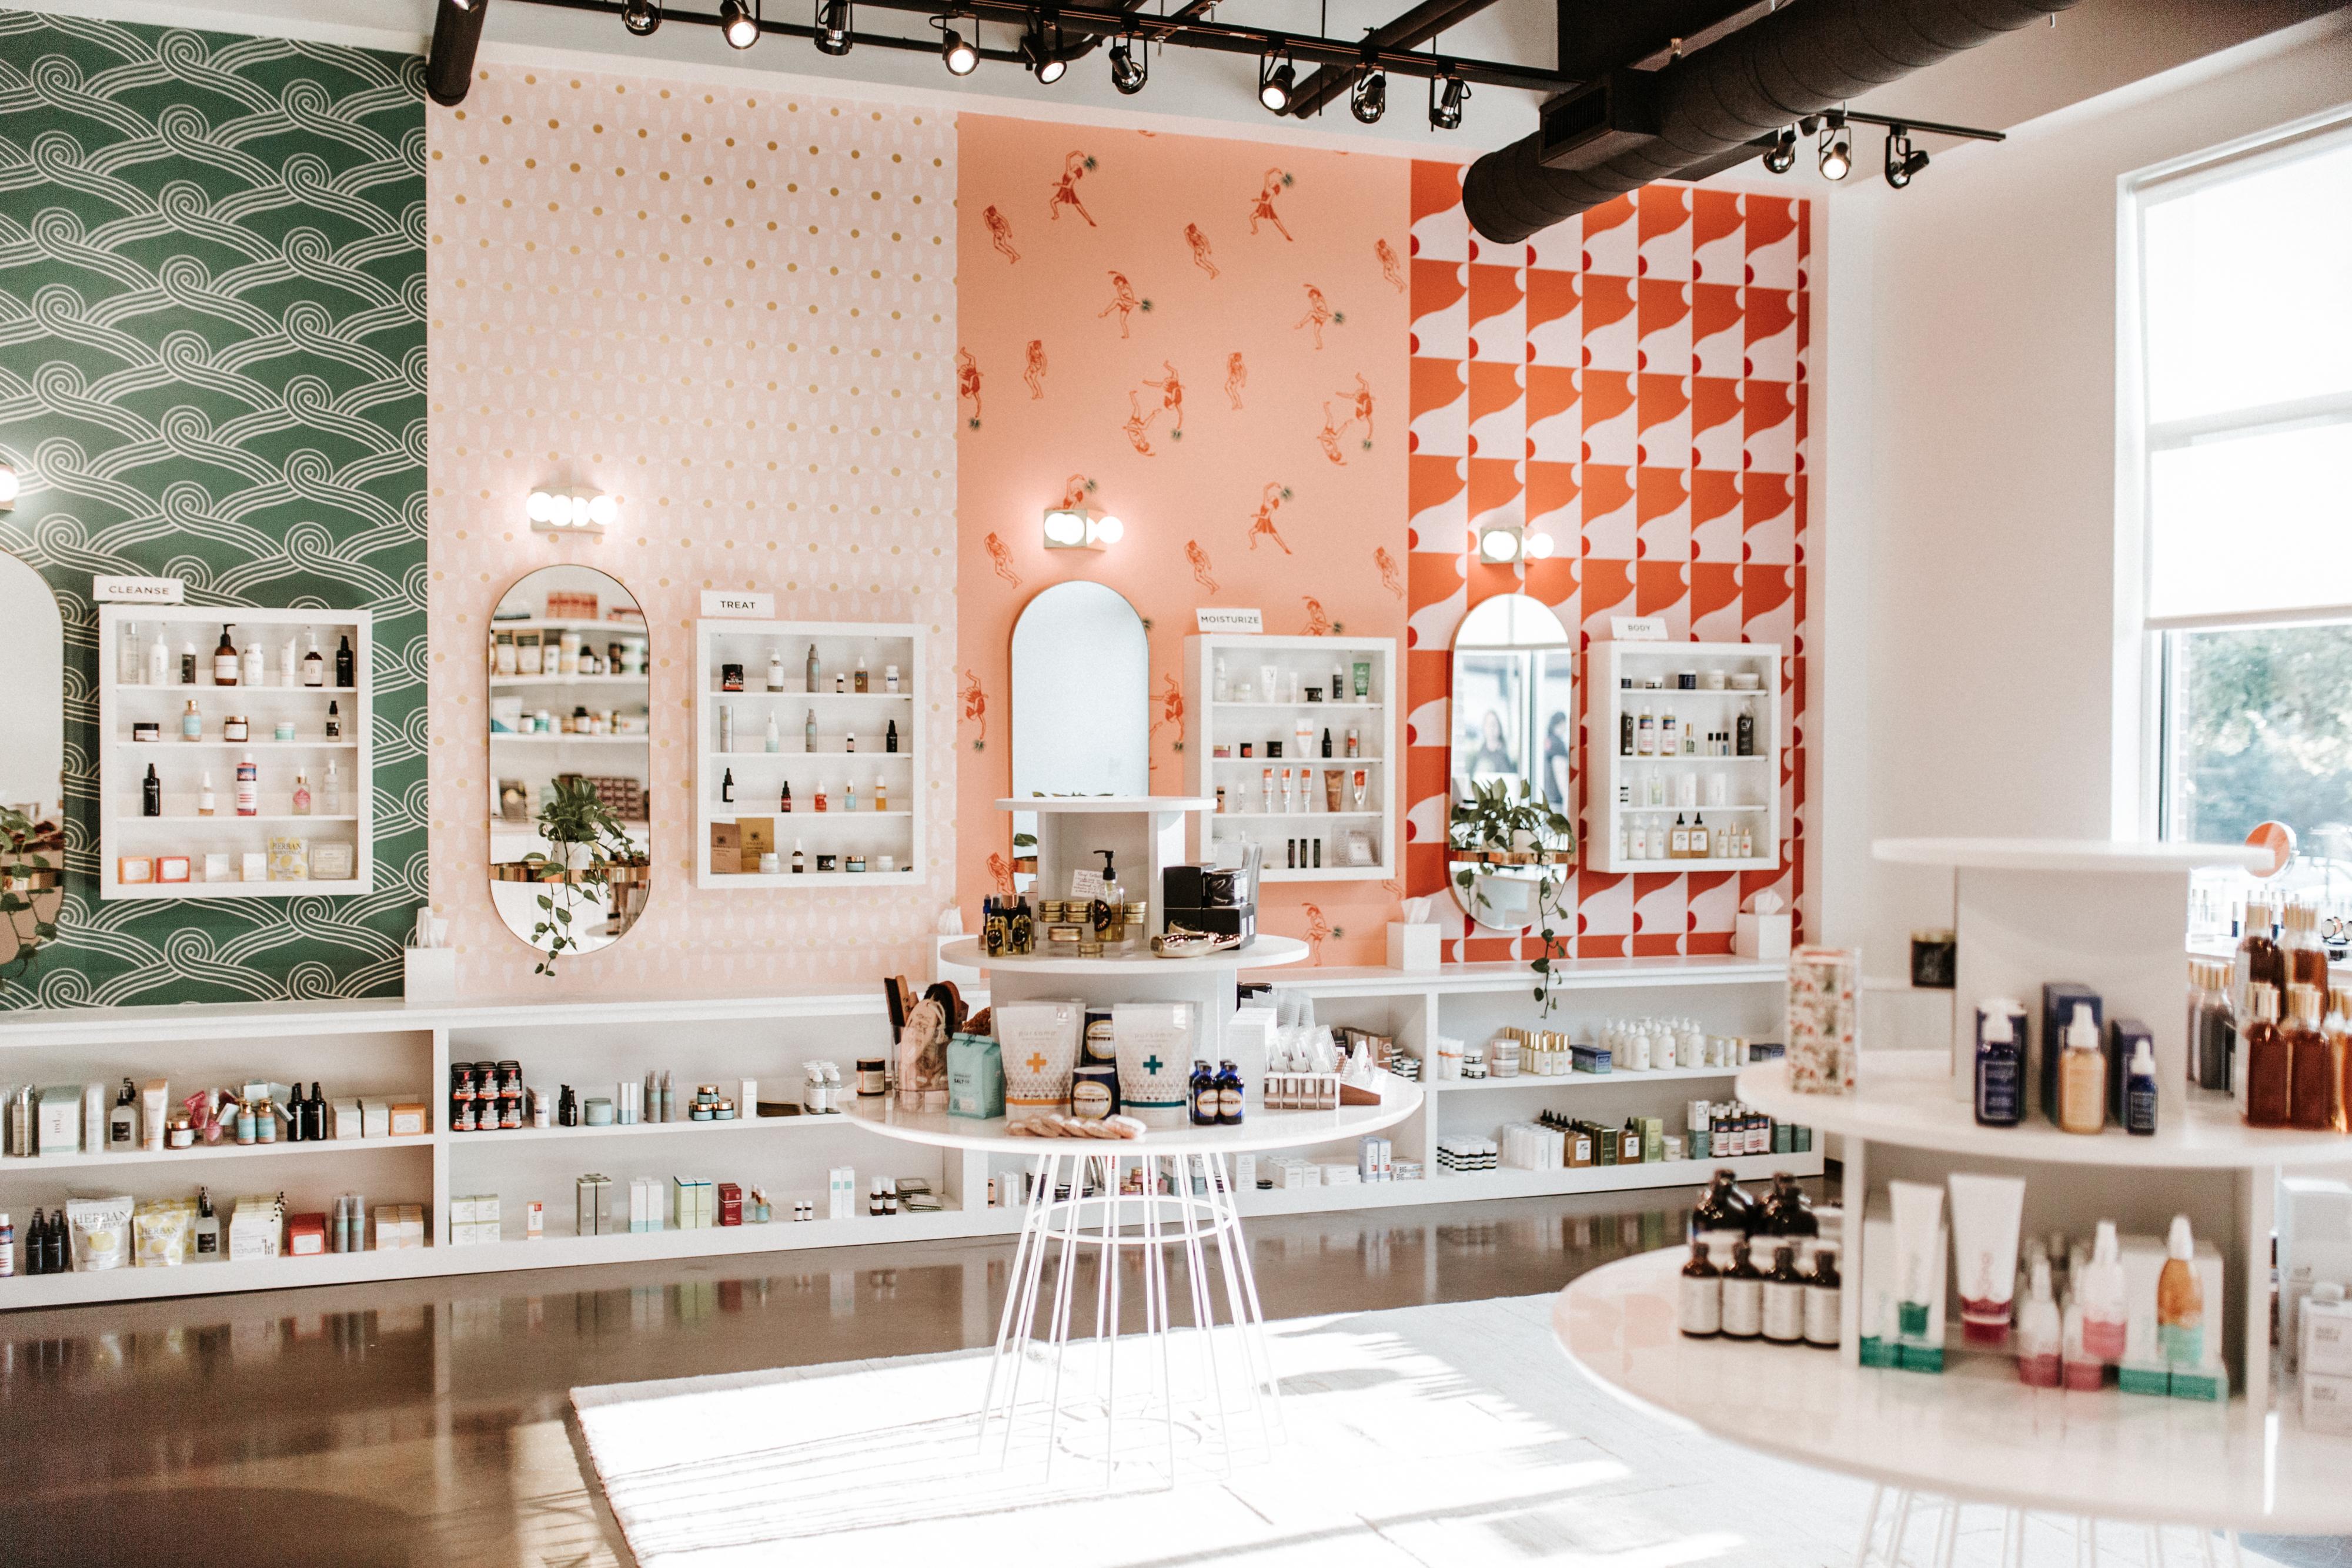 Lemon Laine Green Beauty Shop in Nashville, TN